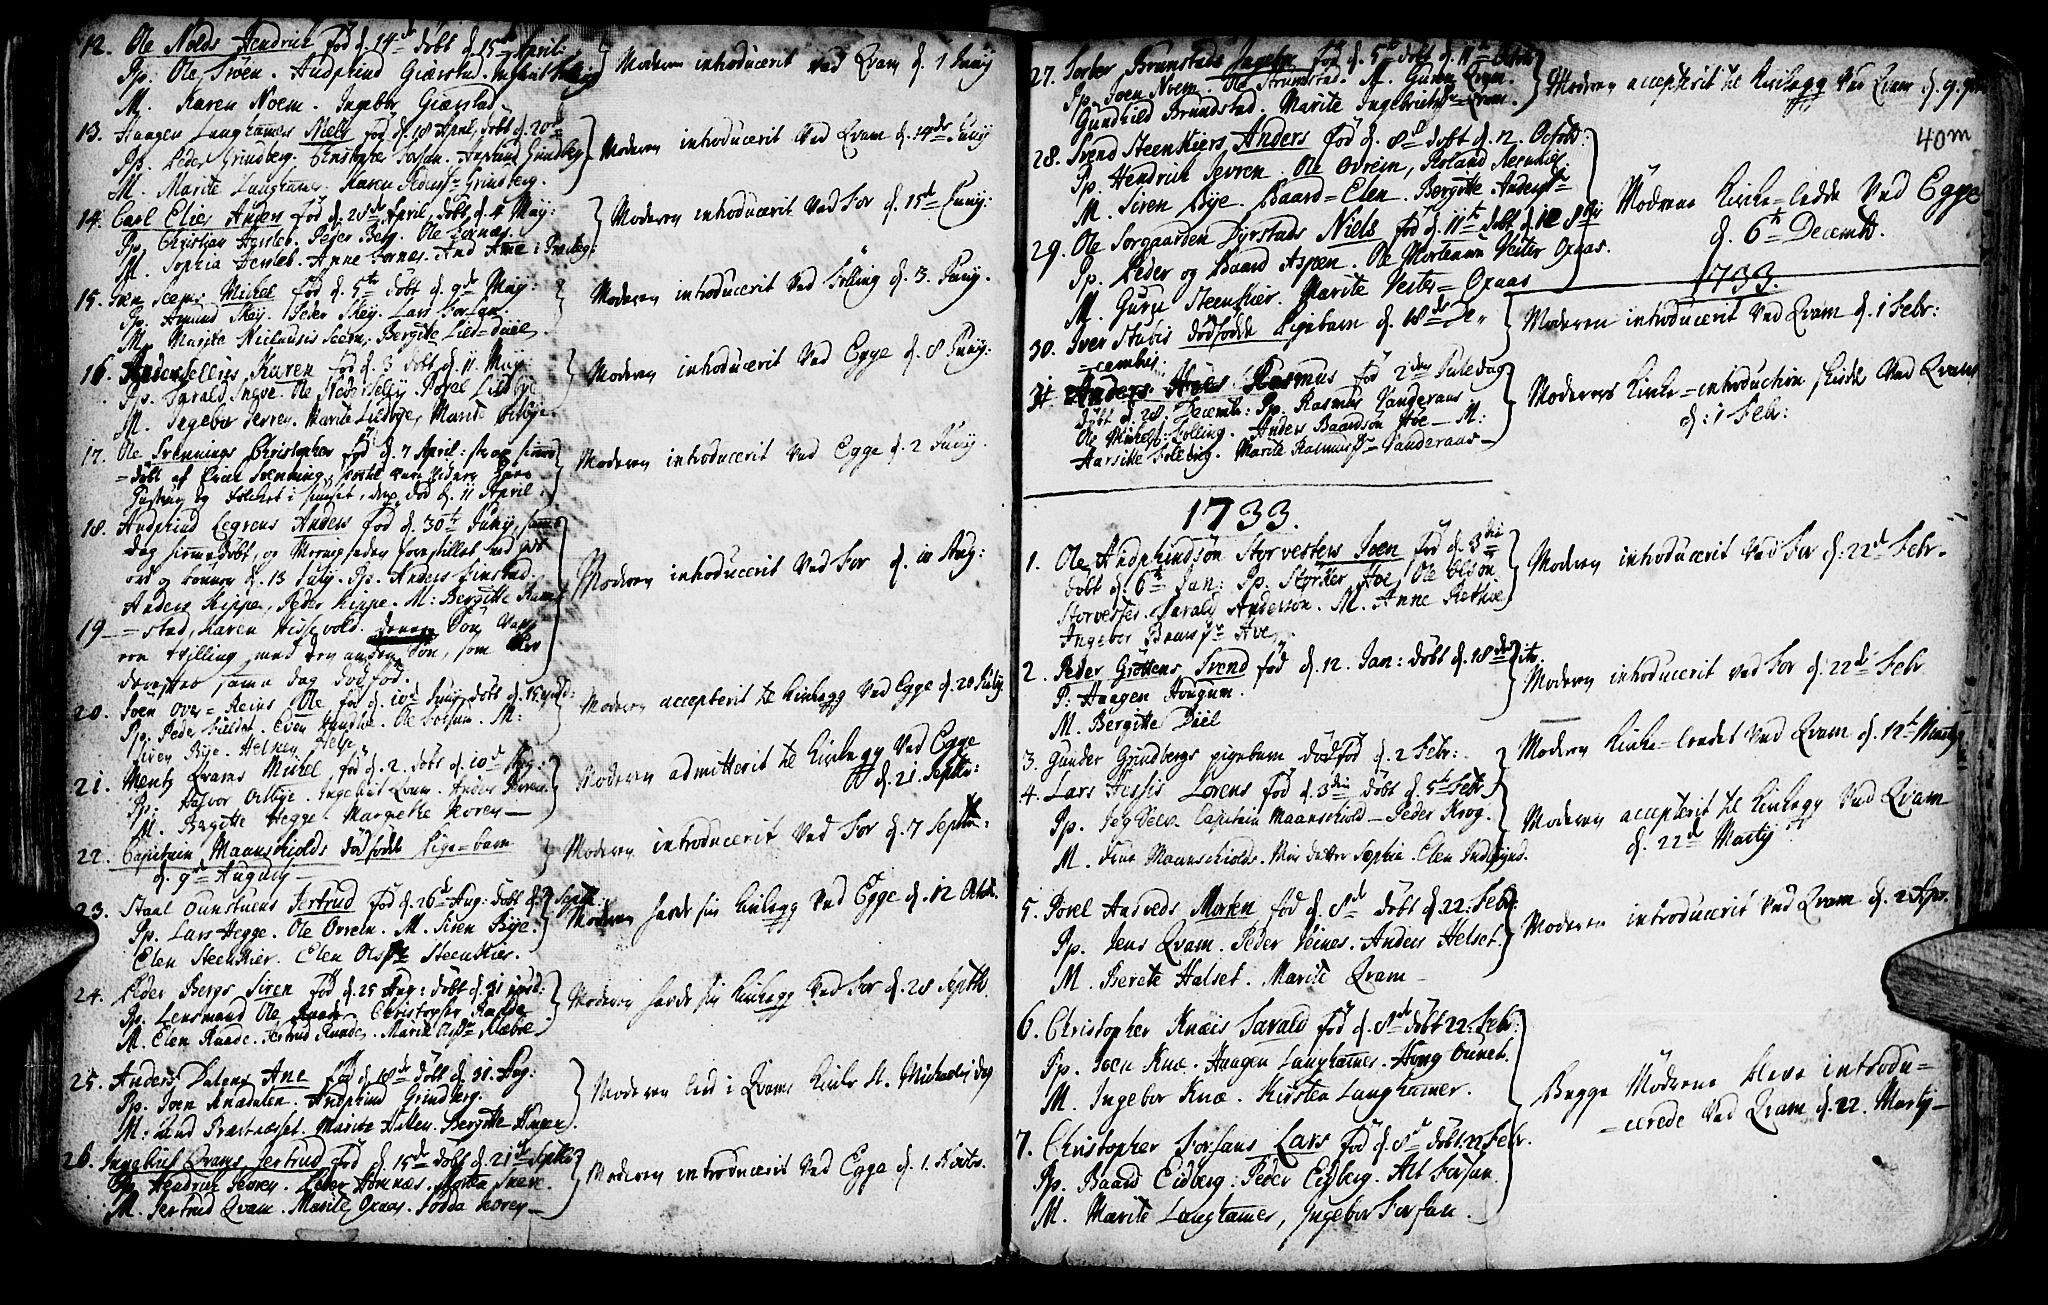 SAT, Ministerialprotokoller, klokkerbøker og fødselsregistre - Nord-Trøndelag, 746/L0439: Ministerialbok nr. 746A01, 1688-1759, s. 40m